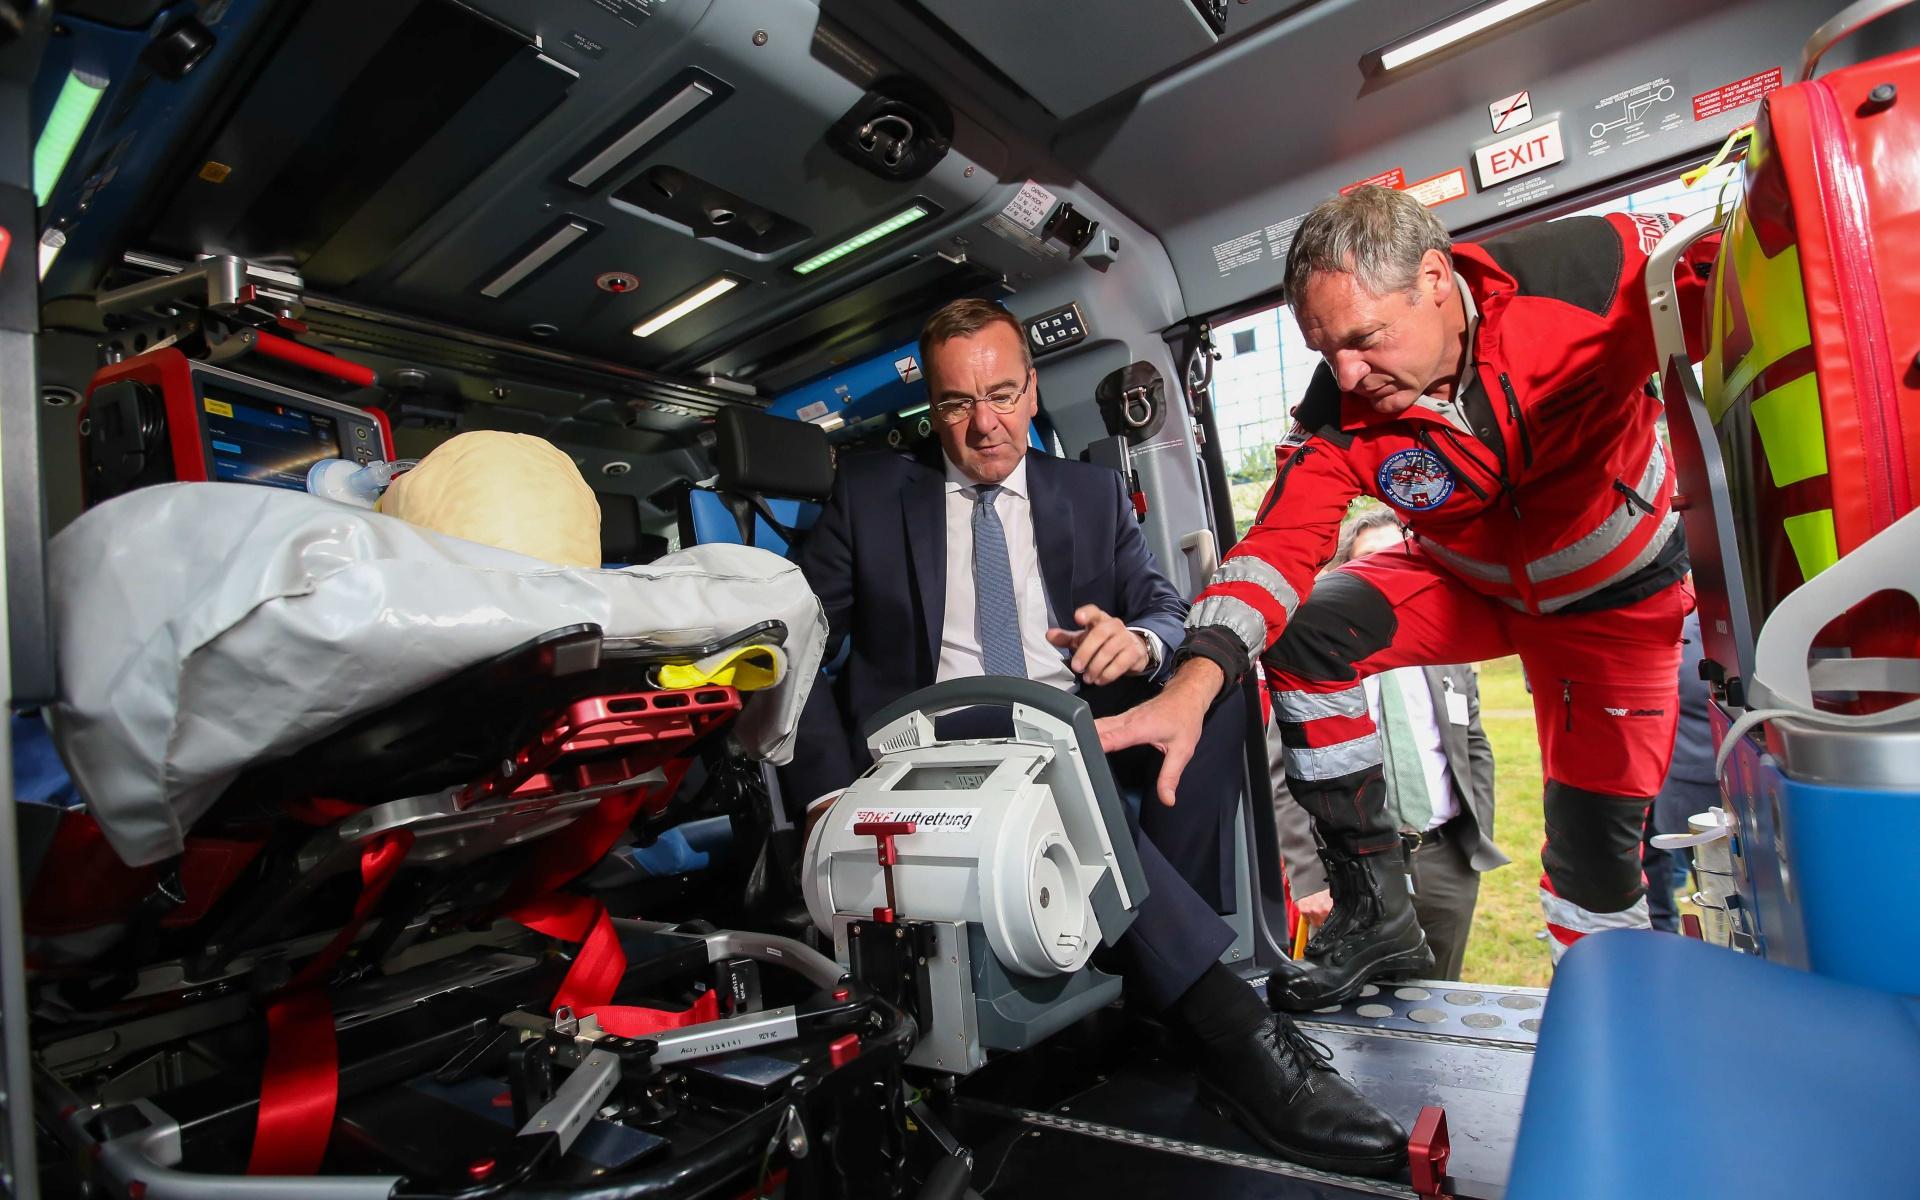 Der Innenmininster wirft einen intensiven Blick auf die medizinische Ausstattung von Christoph Niedersachsen.